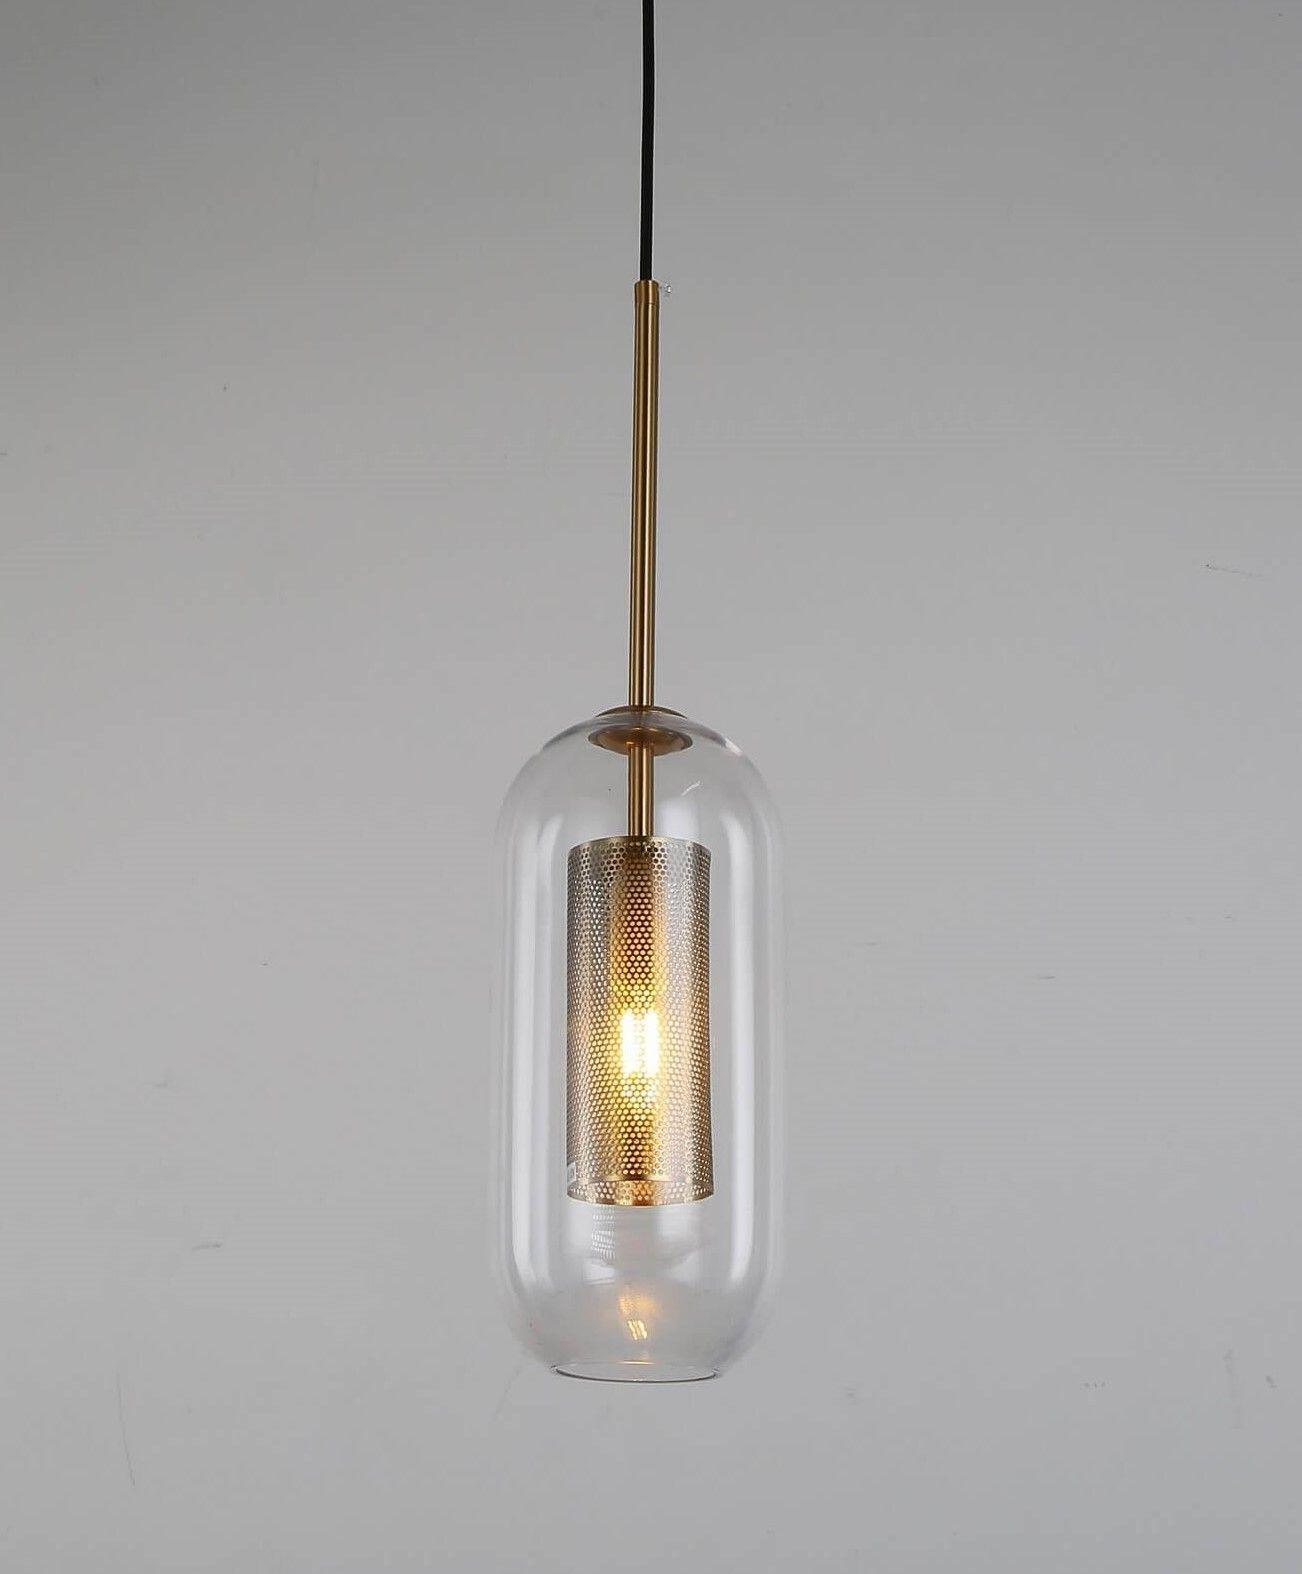 NOWOCZESNA LAMPA WISZĄCA MOSIĘŻNA ANTILLA